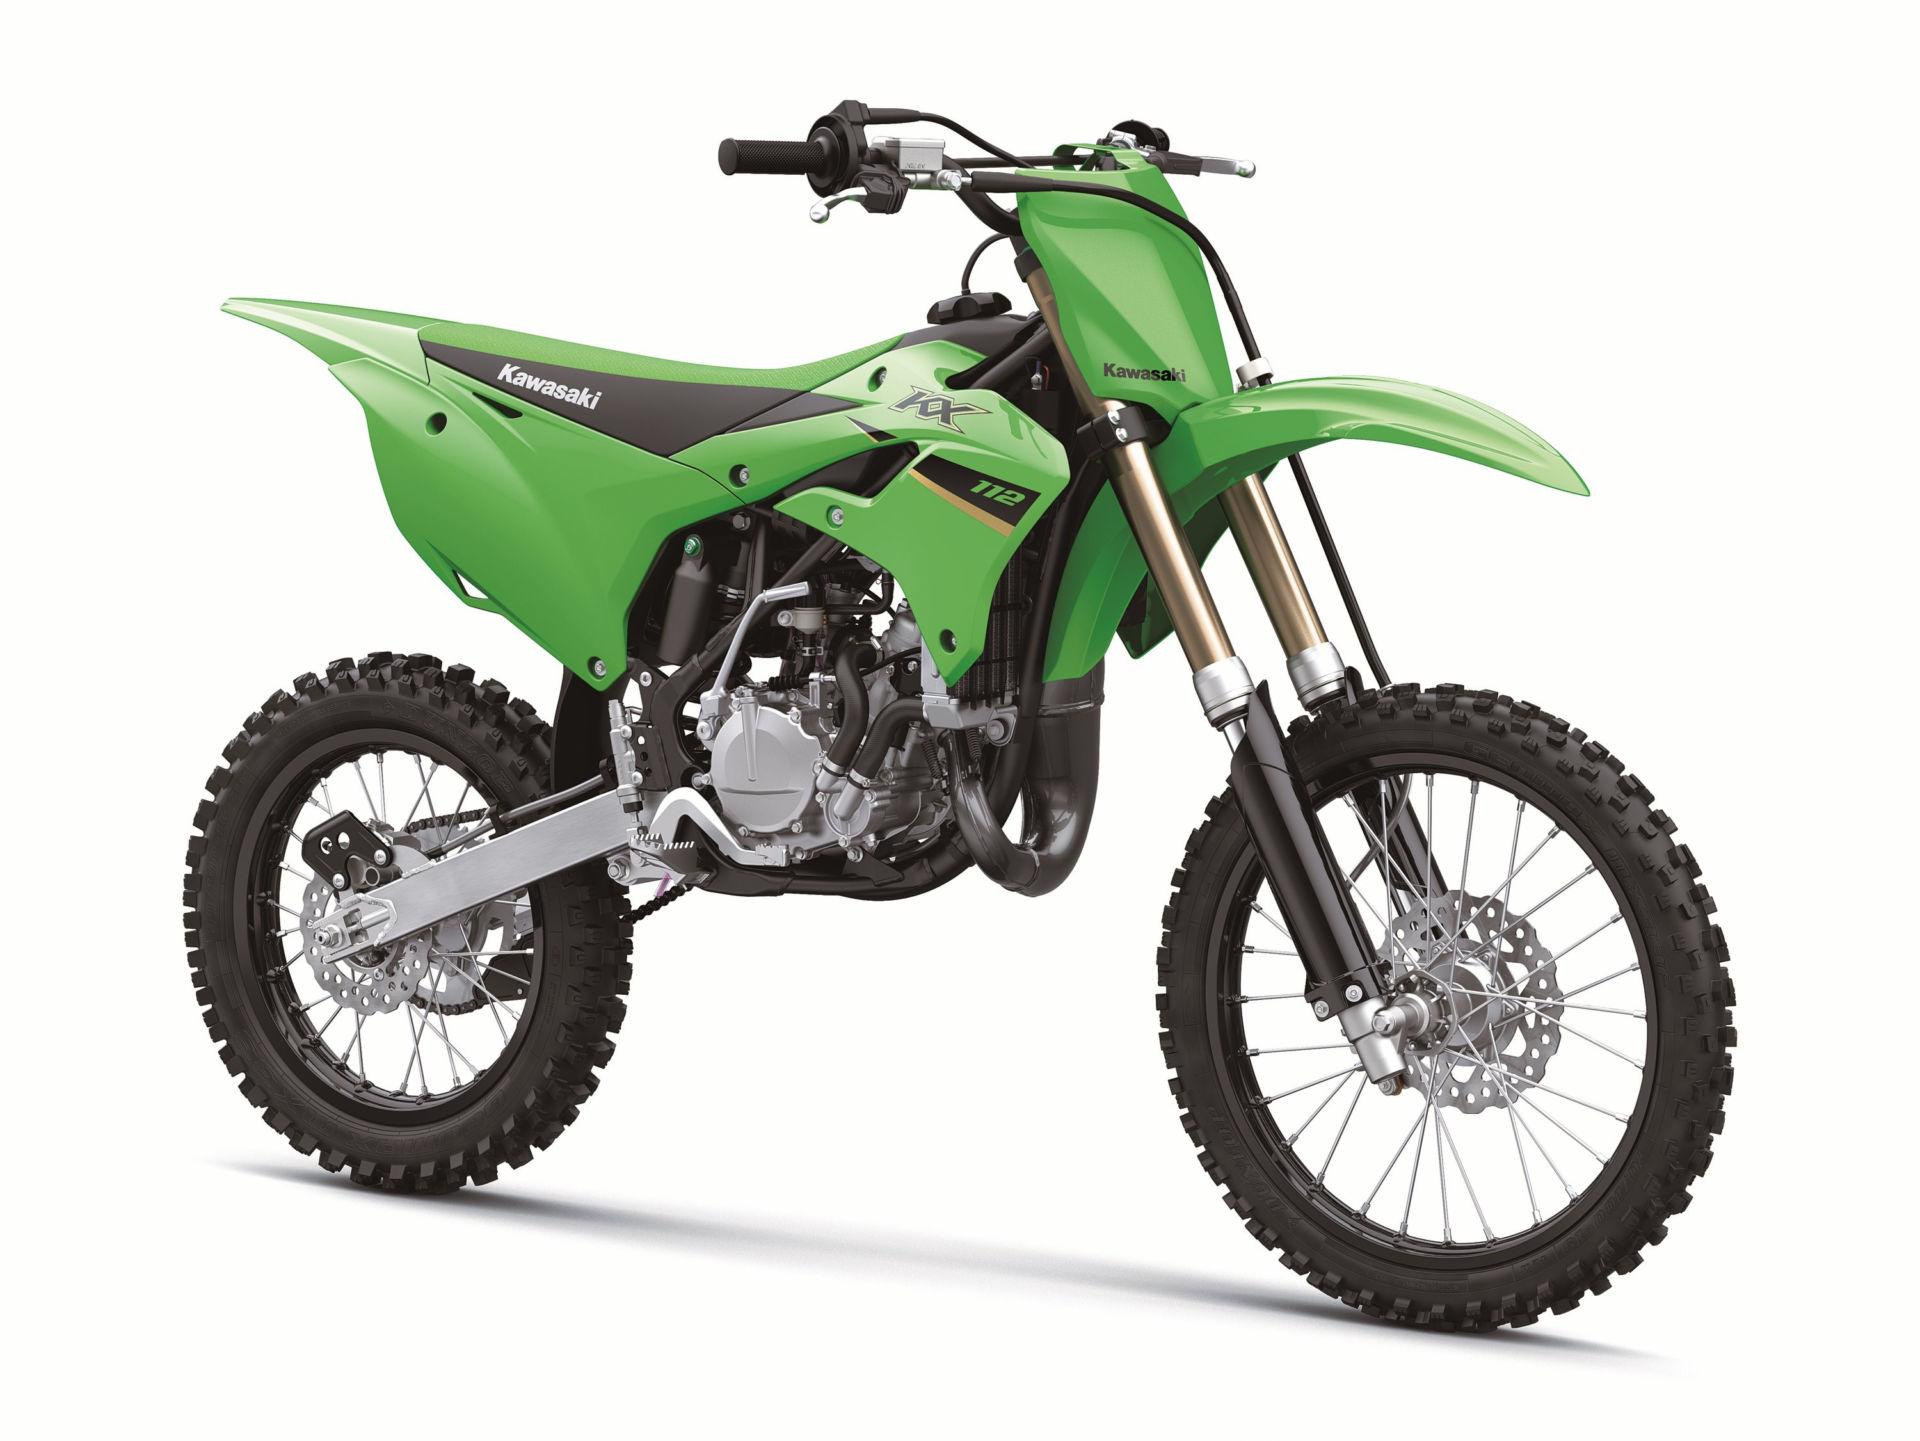 A 2022-model Kawasaki KX112. Photo courtesy Kawasaki.